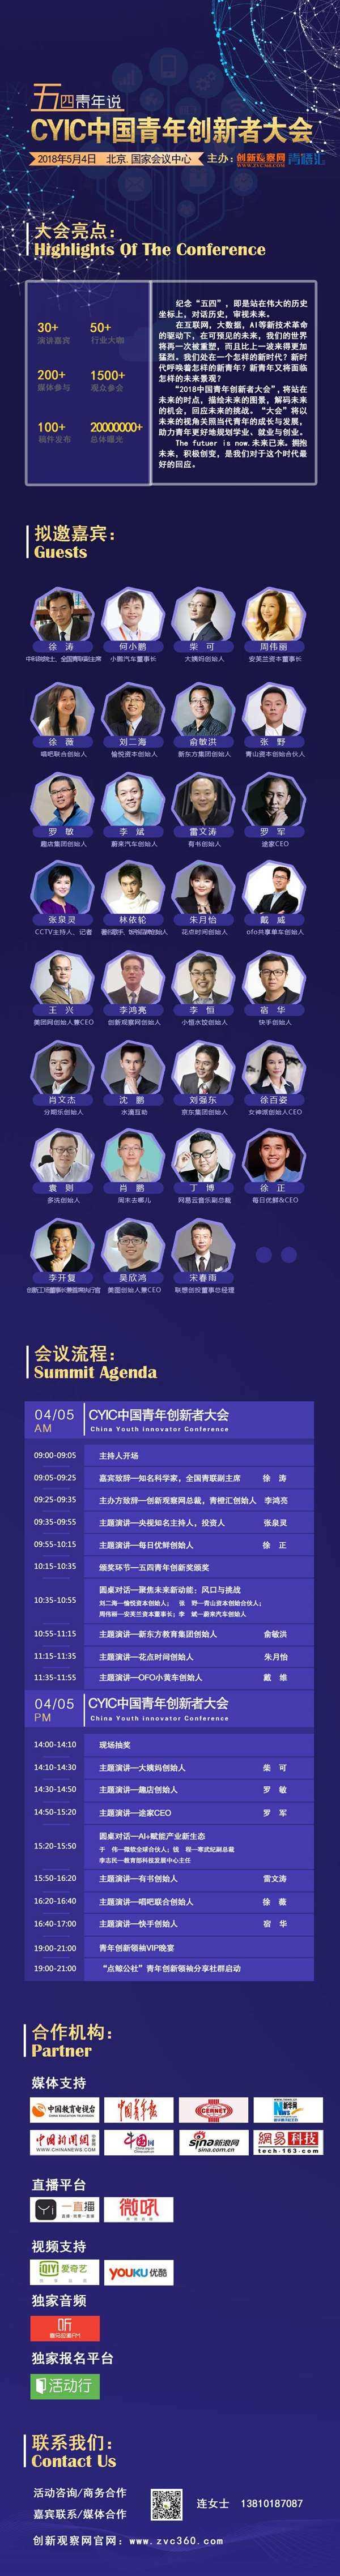 五四青年说CYIC中国青年创新者大会.jpg